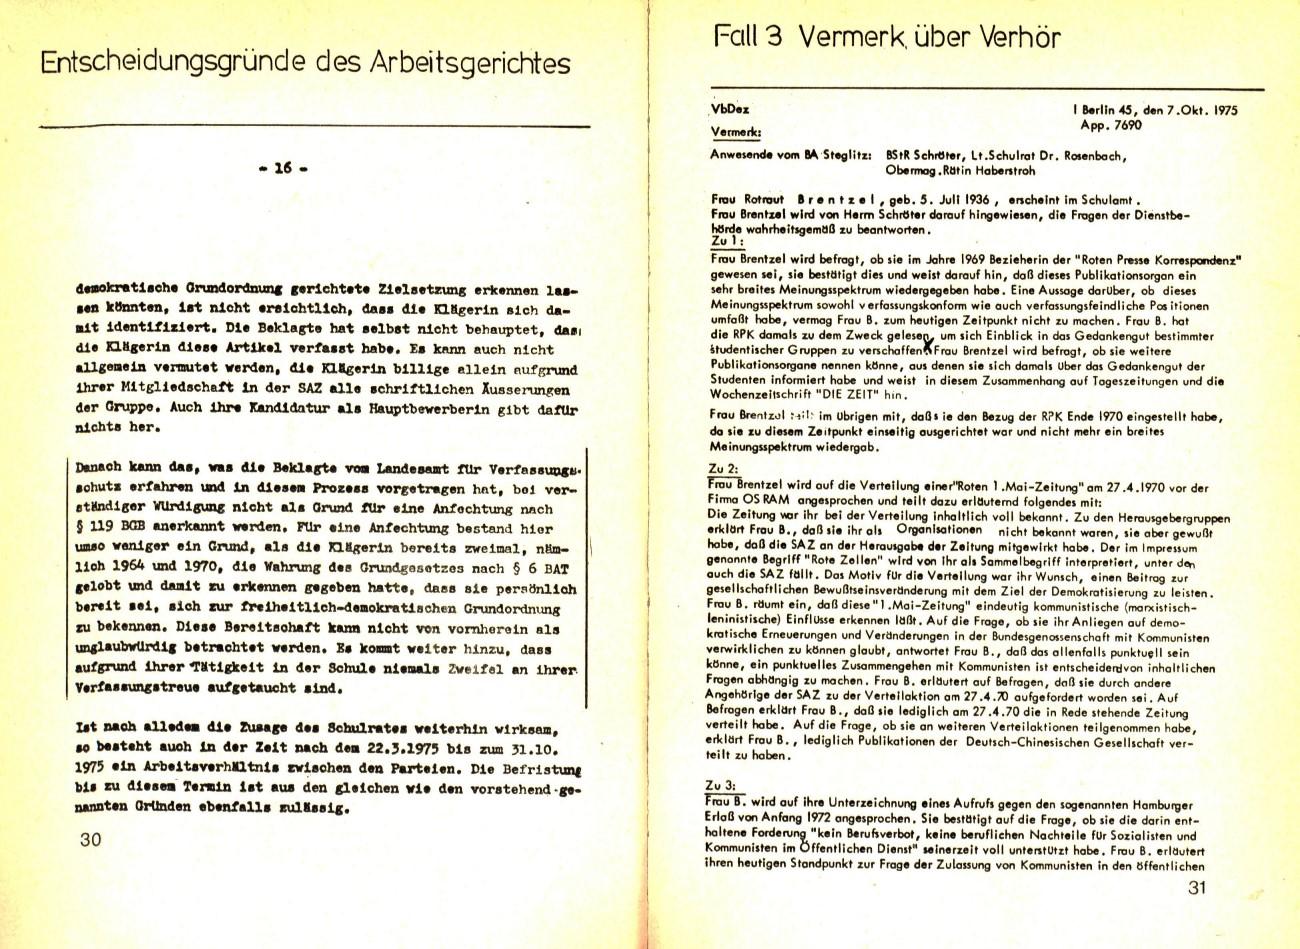 Berlin_VDS_Aktionskomitee_1976_BerufsverboteIII_17